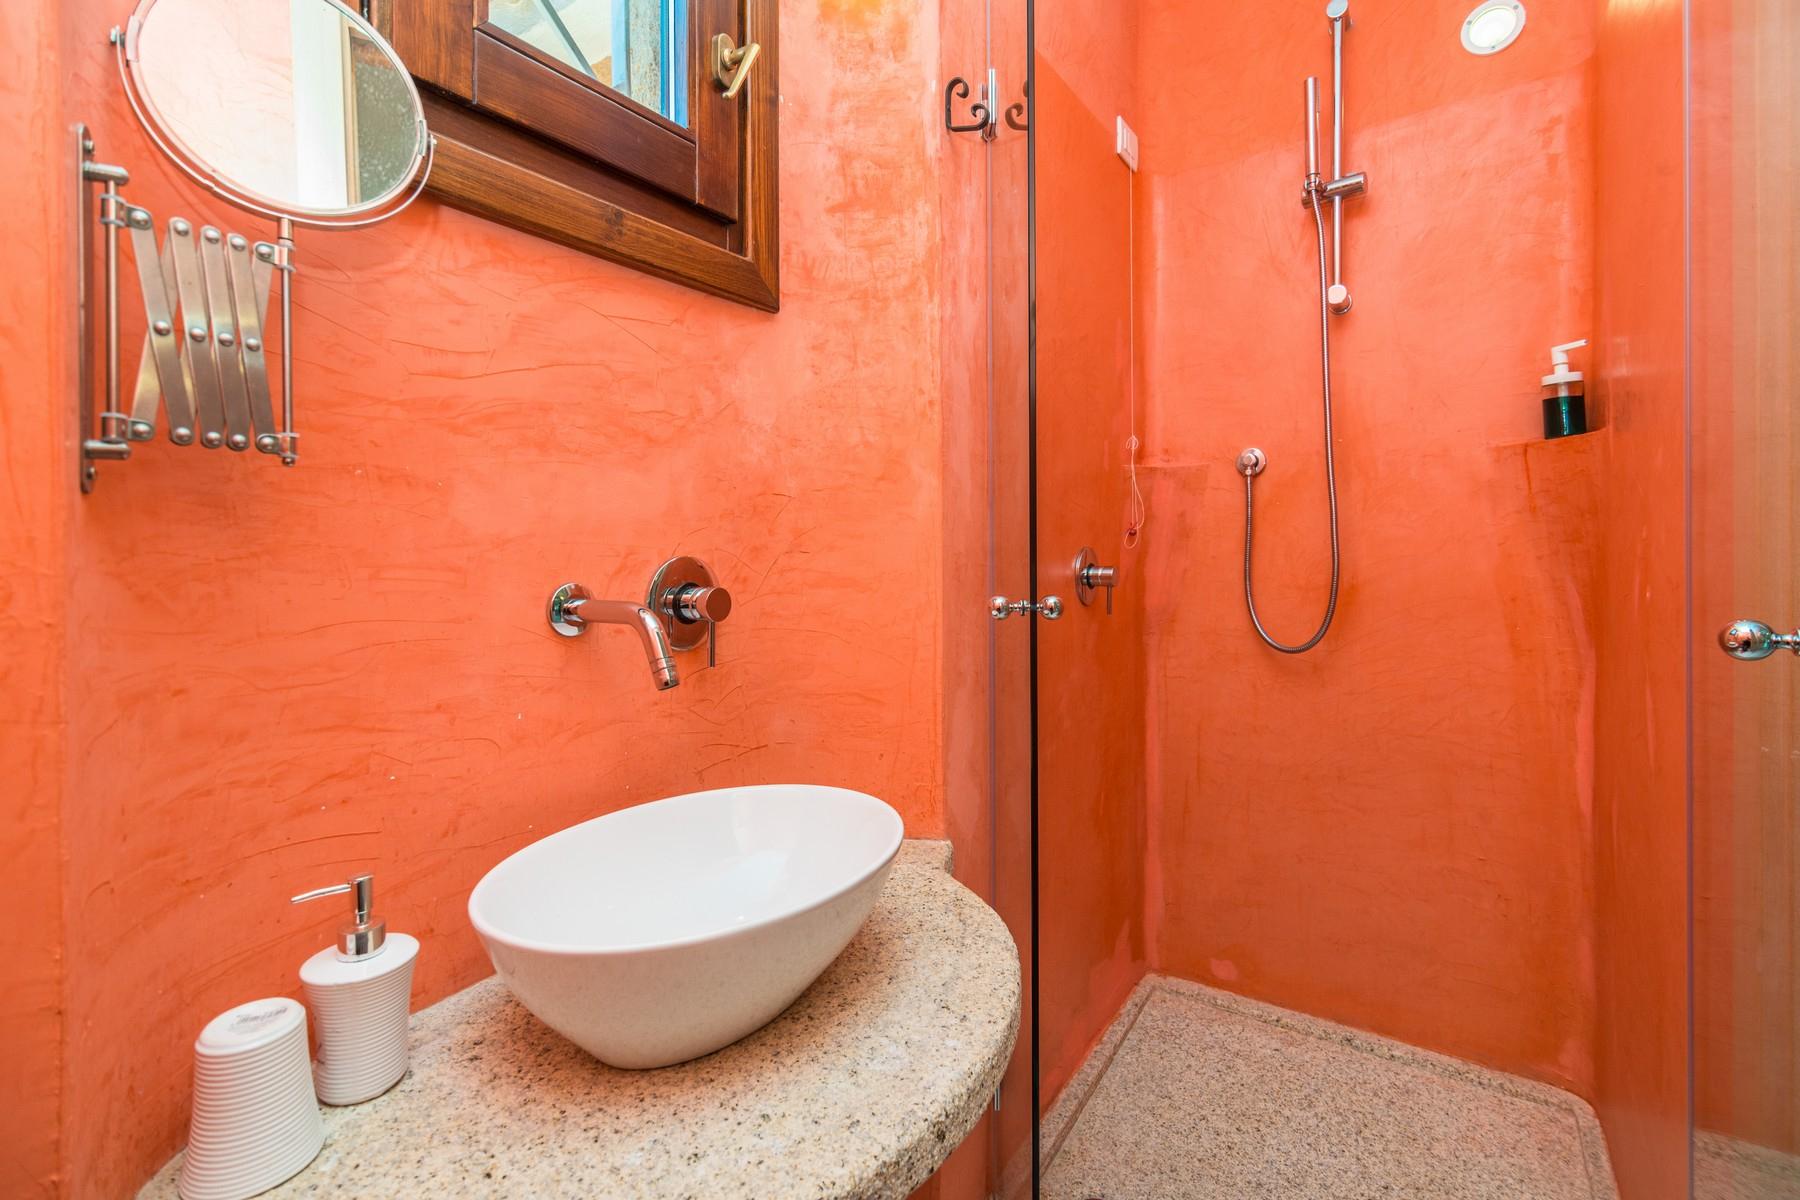 Casa indipendente in Vendita a Arzachena: 4 locali, 60 mq - Foto 14